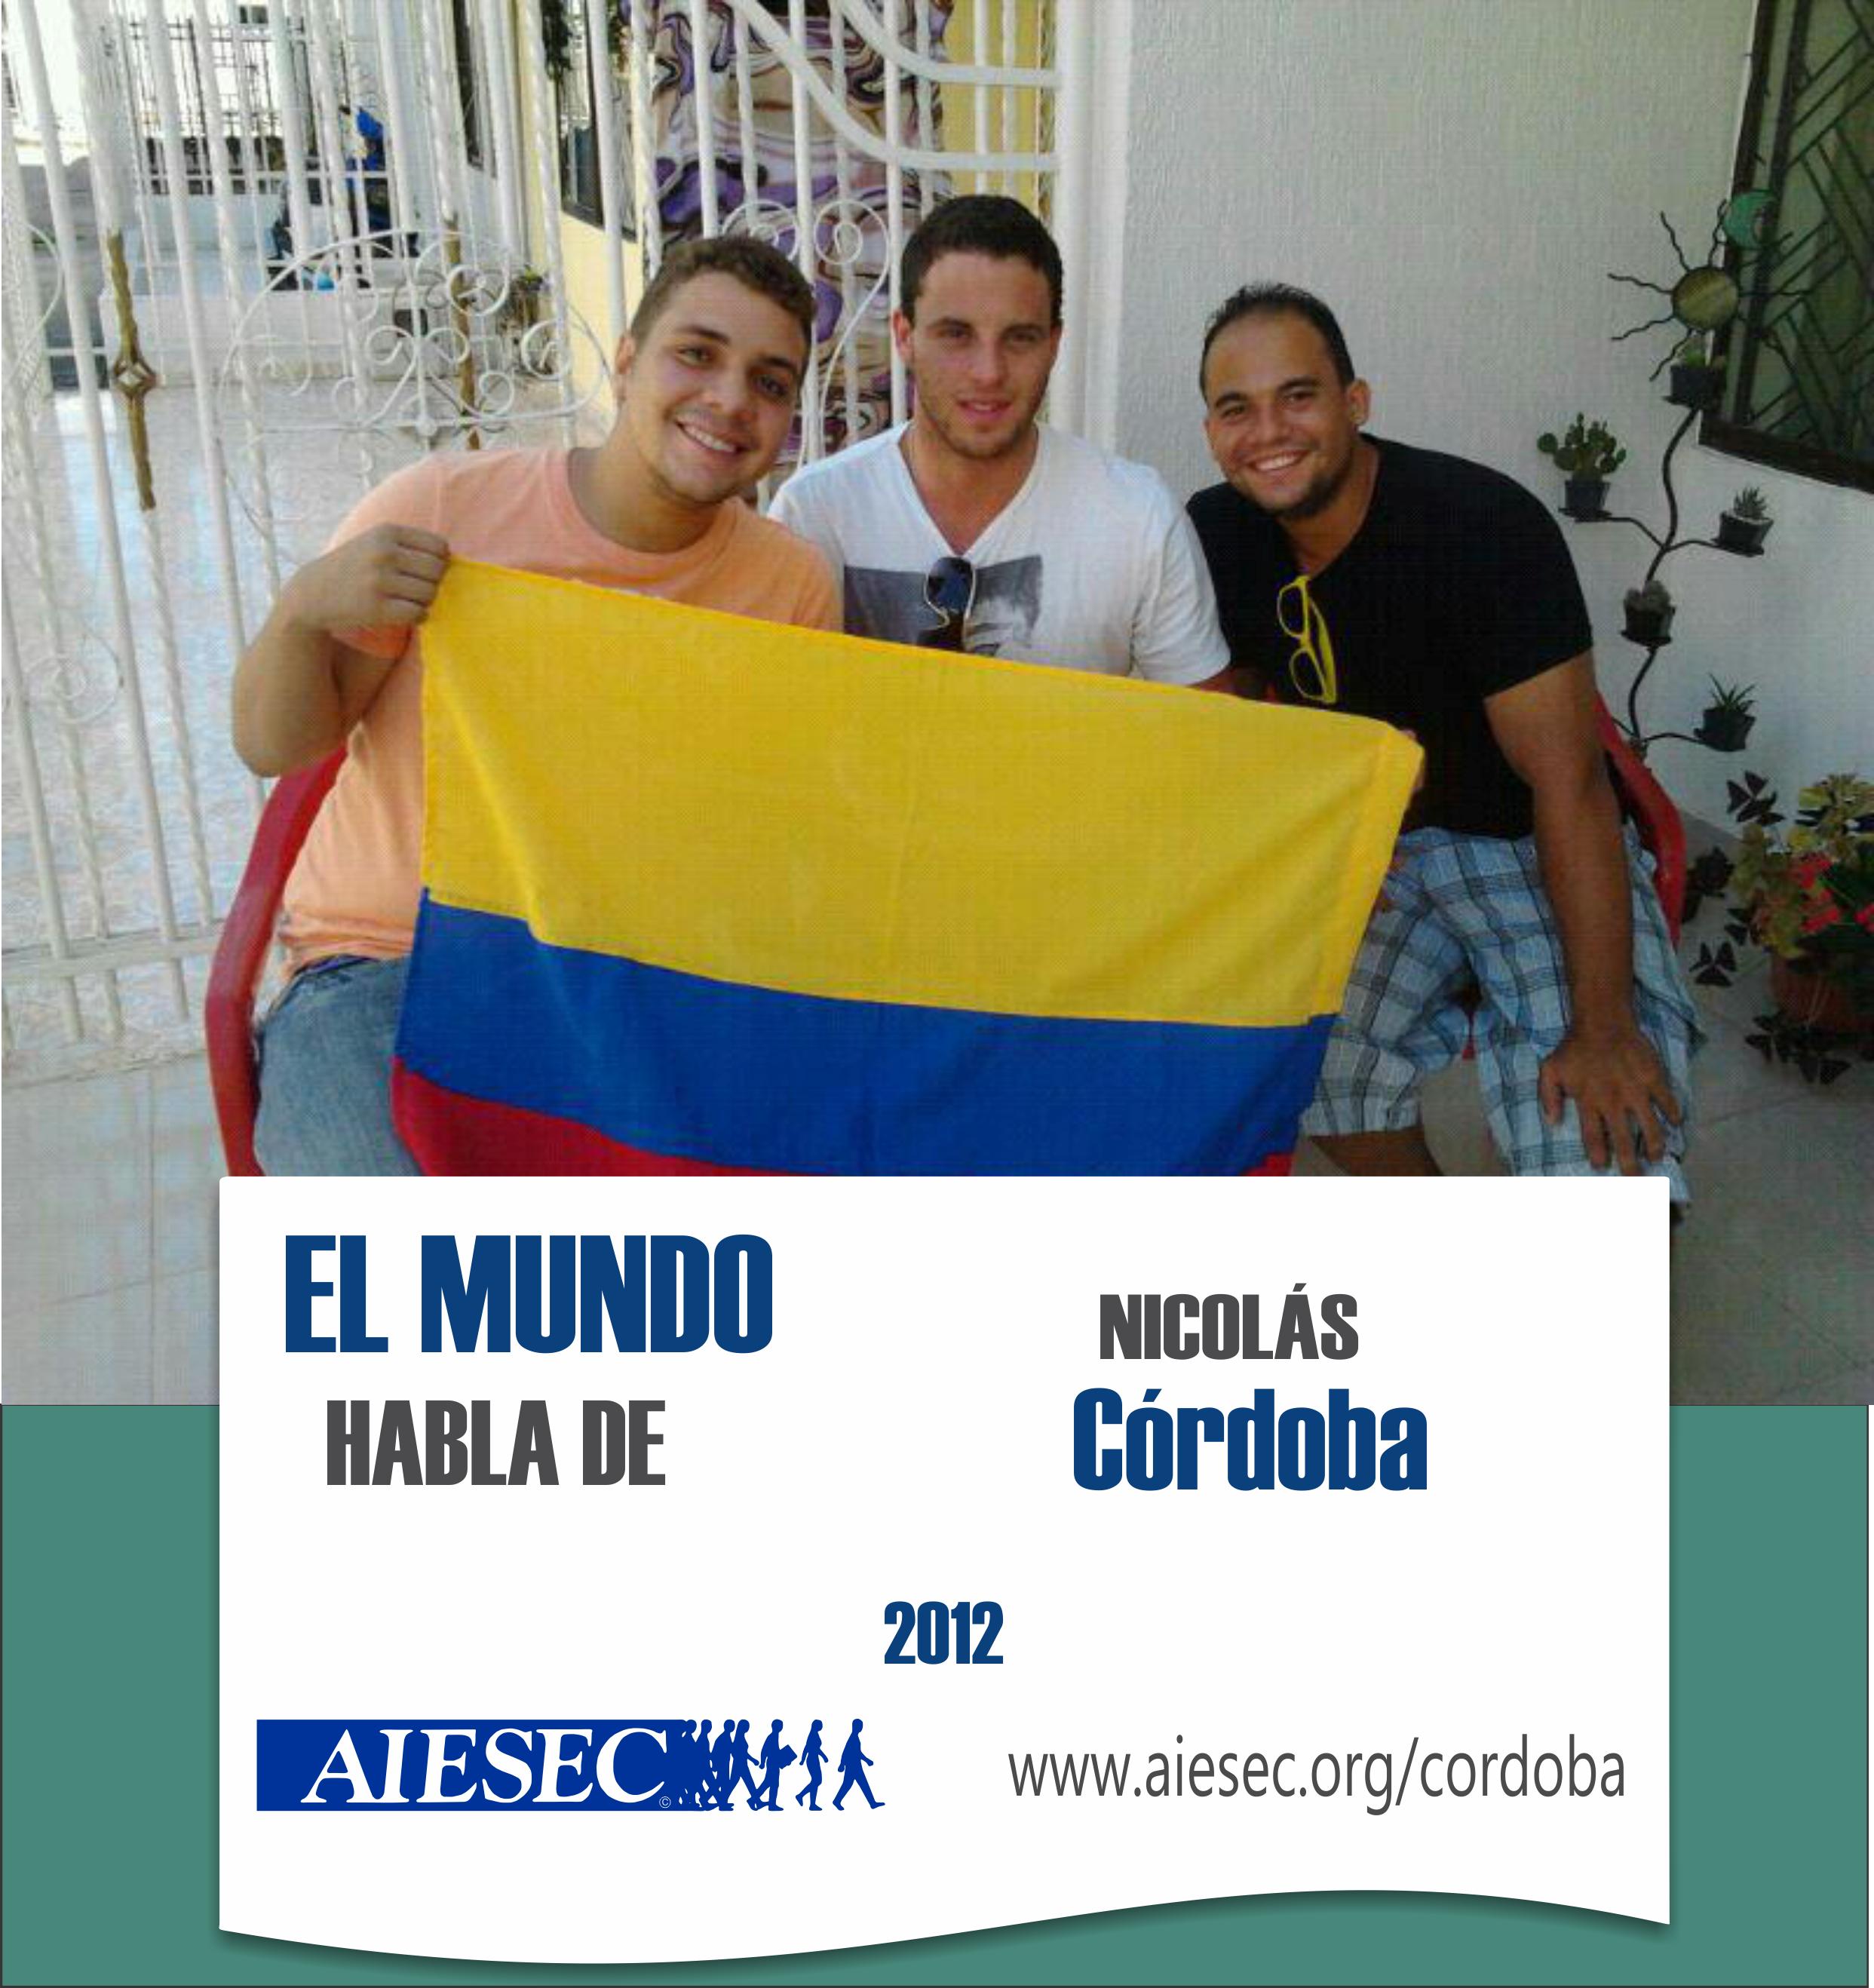 Él es Nico Córdoba y está realizando su primera práctica de nuestro proyecto regional de +IMPACTO. Nico está haciendo su voluntariado en Cartagena, Colombia, en FUNDACION CORONEL JOSE CARMELO VILLAMIZAR. Él va a estar dando clases de inglés a chicos con bajos recursos